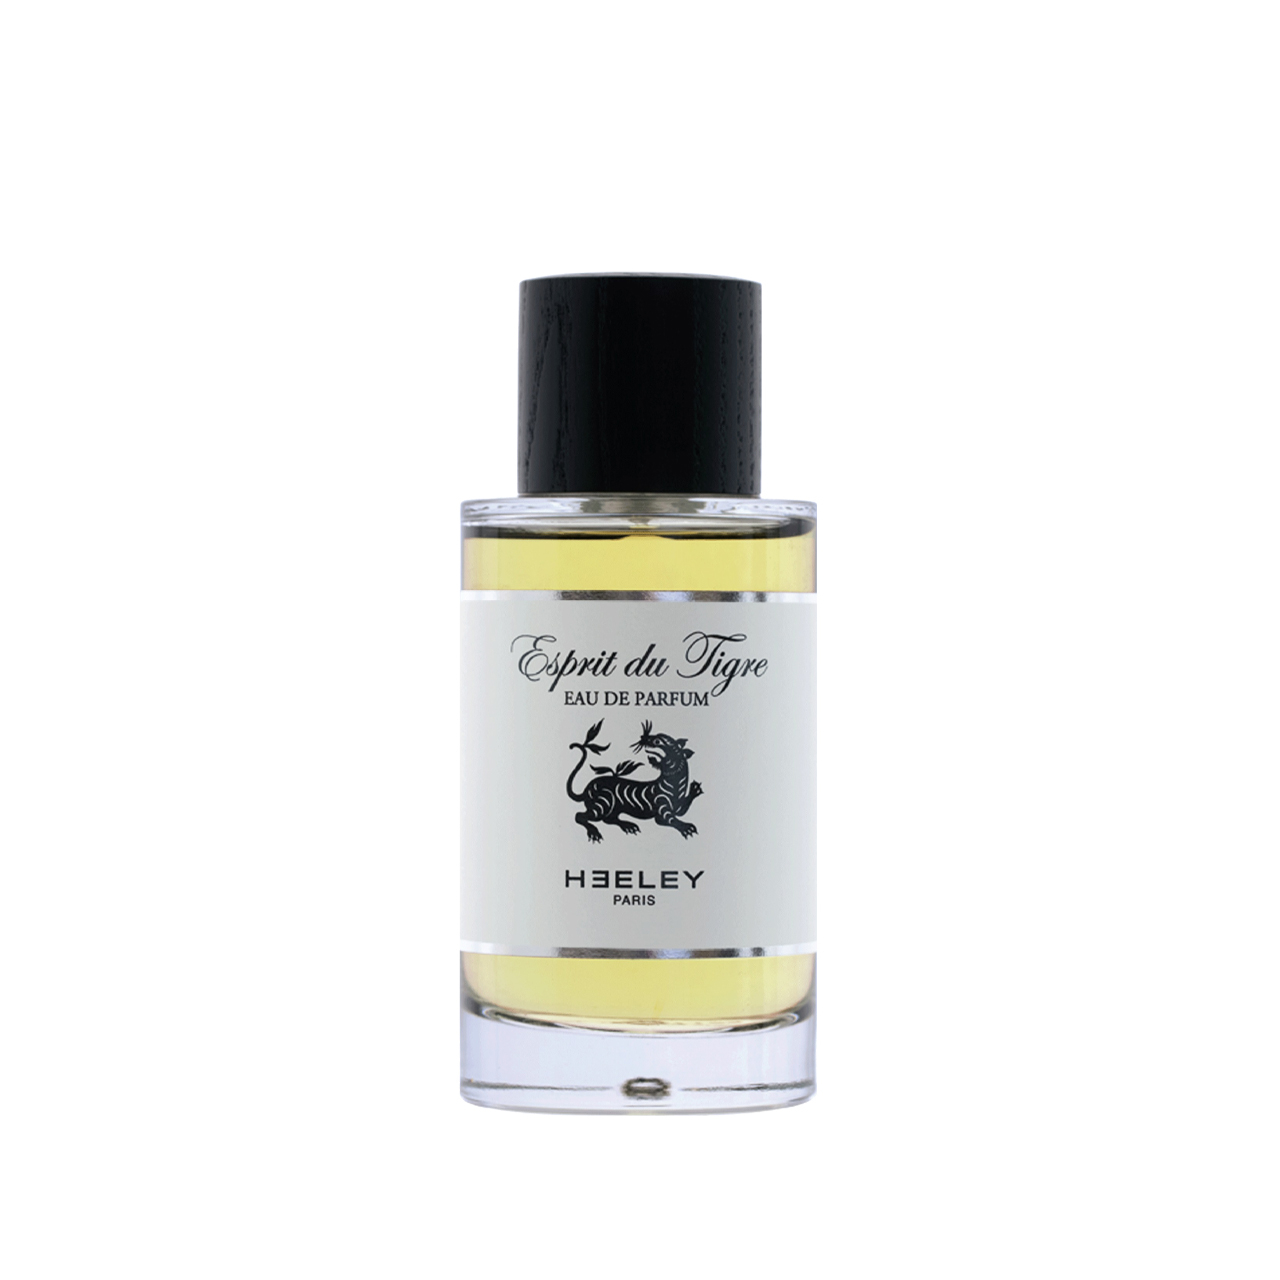 Esprit du Tigre - Eau de Parfum